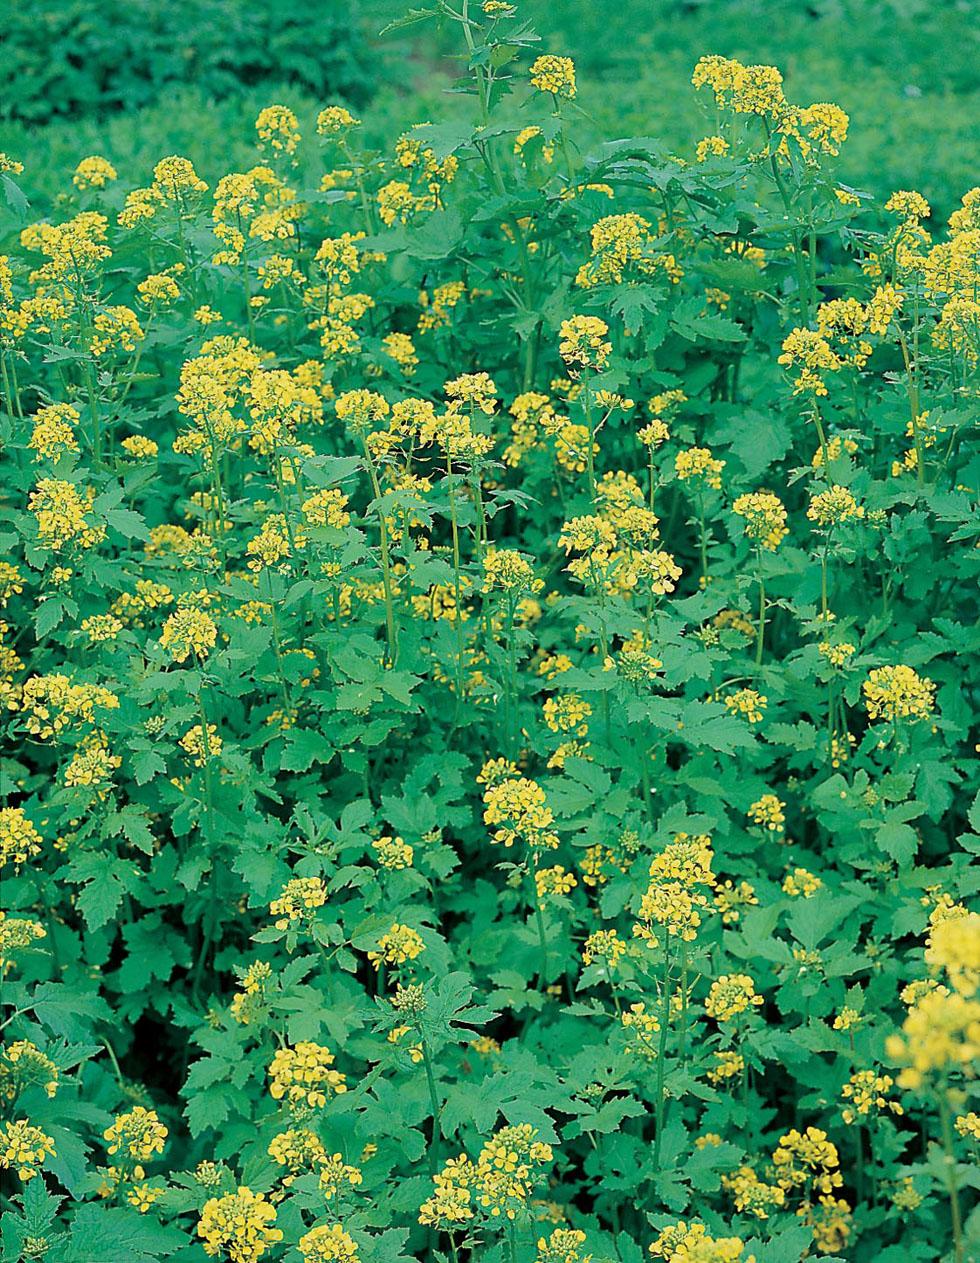 Agricultura sustentable: Qué son los abonos verdes y cómo se utilizan